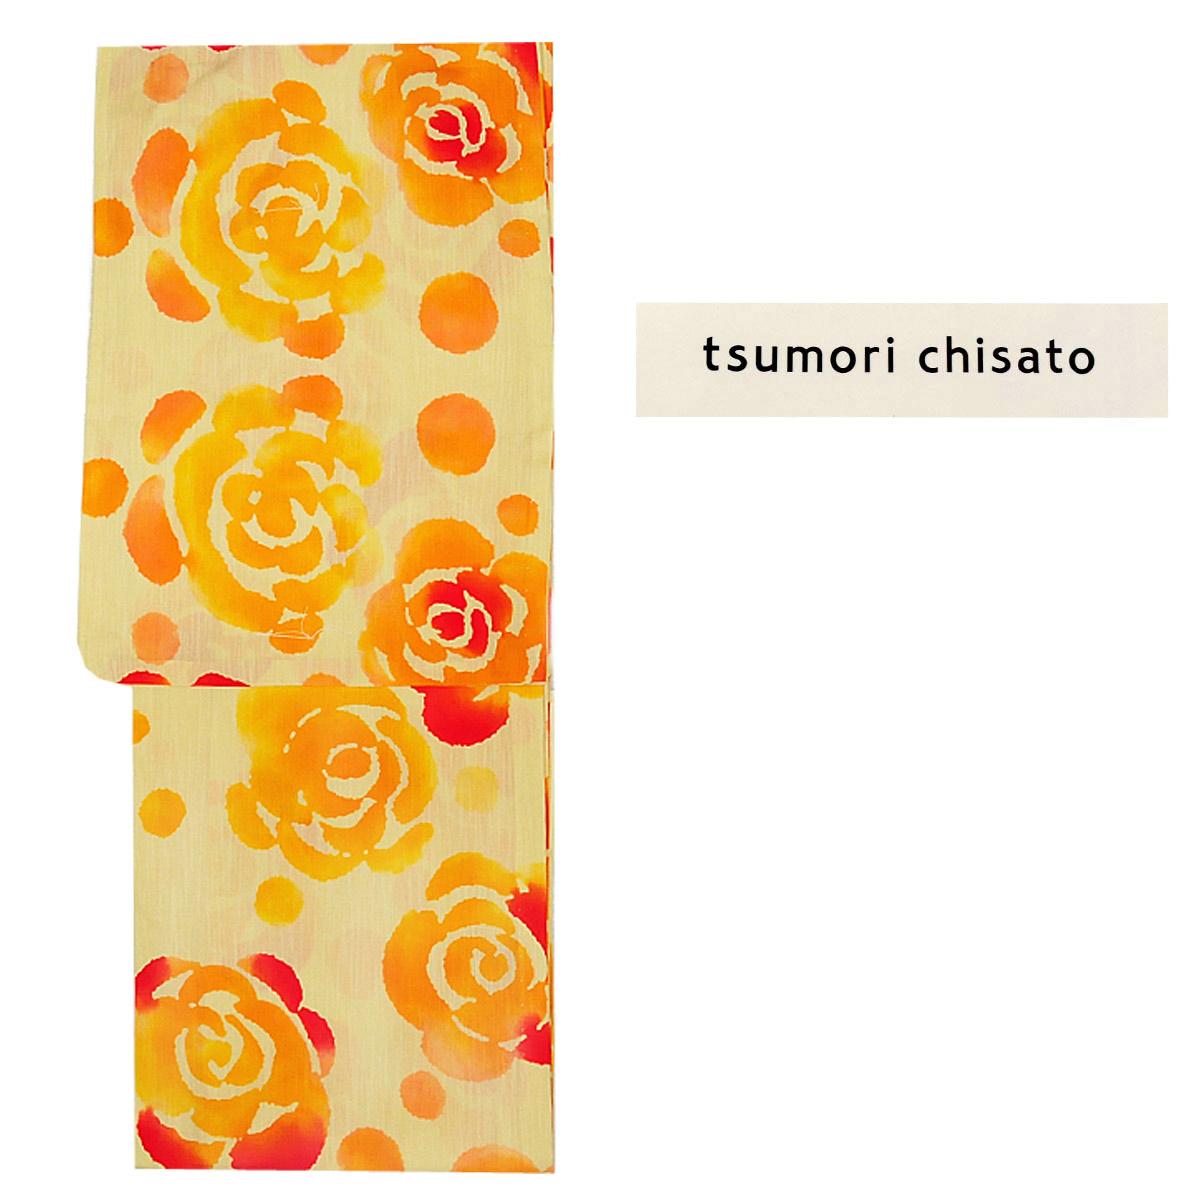 tsumori chisato ブランド レディース 浴衣 単品 ツモリチサト 黄色 オレンジ 花柄番号a44-5